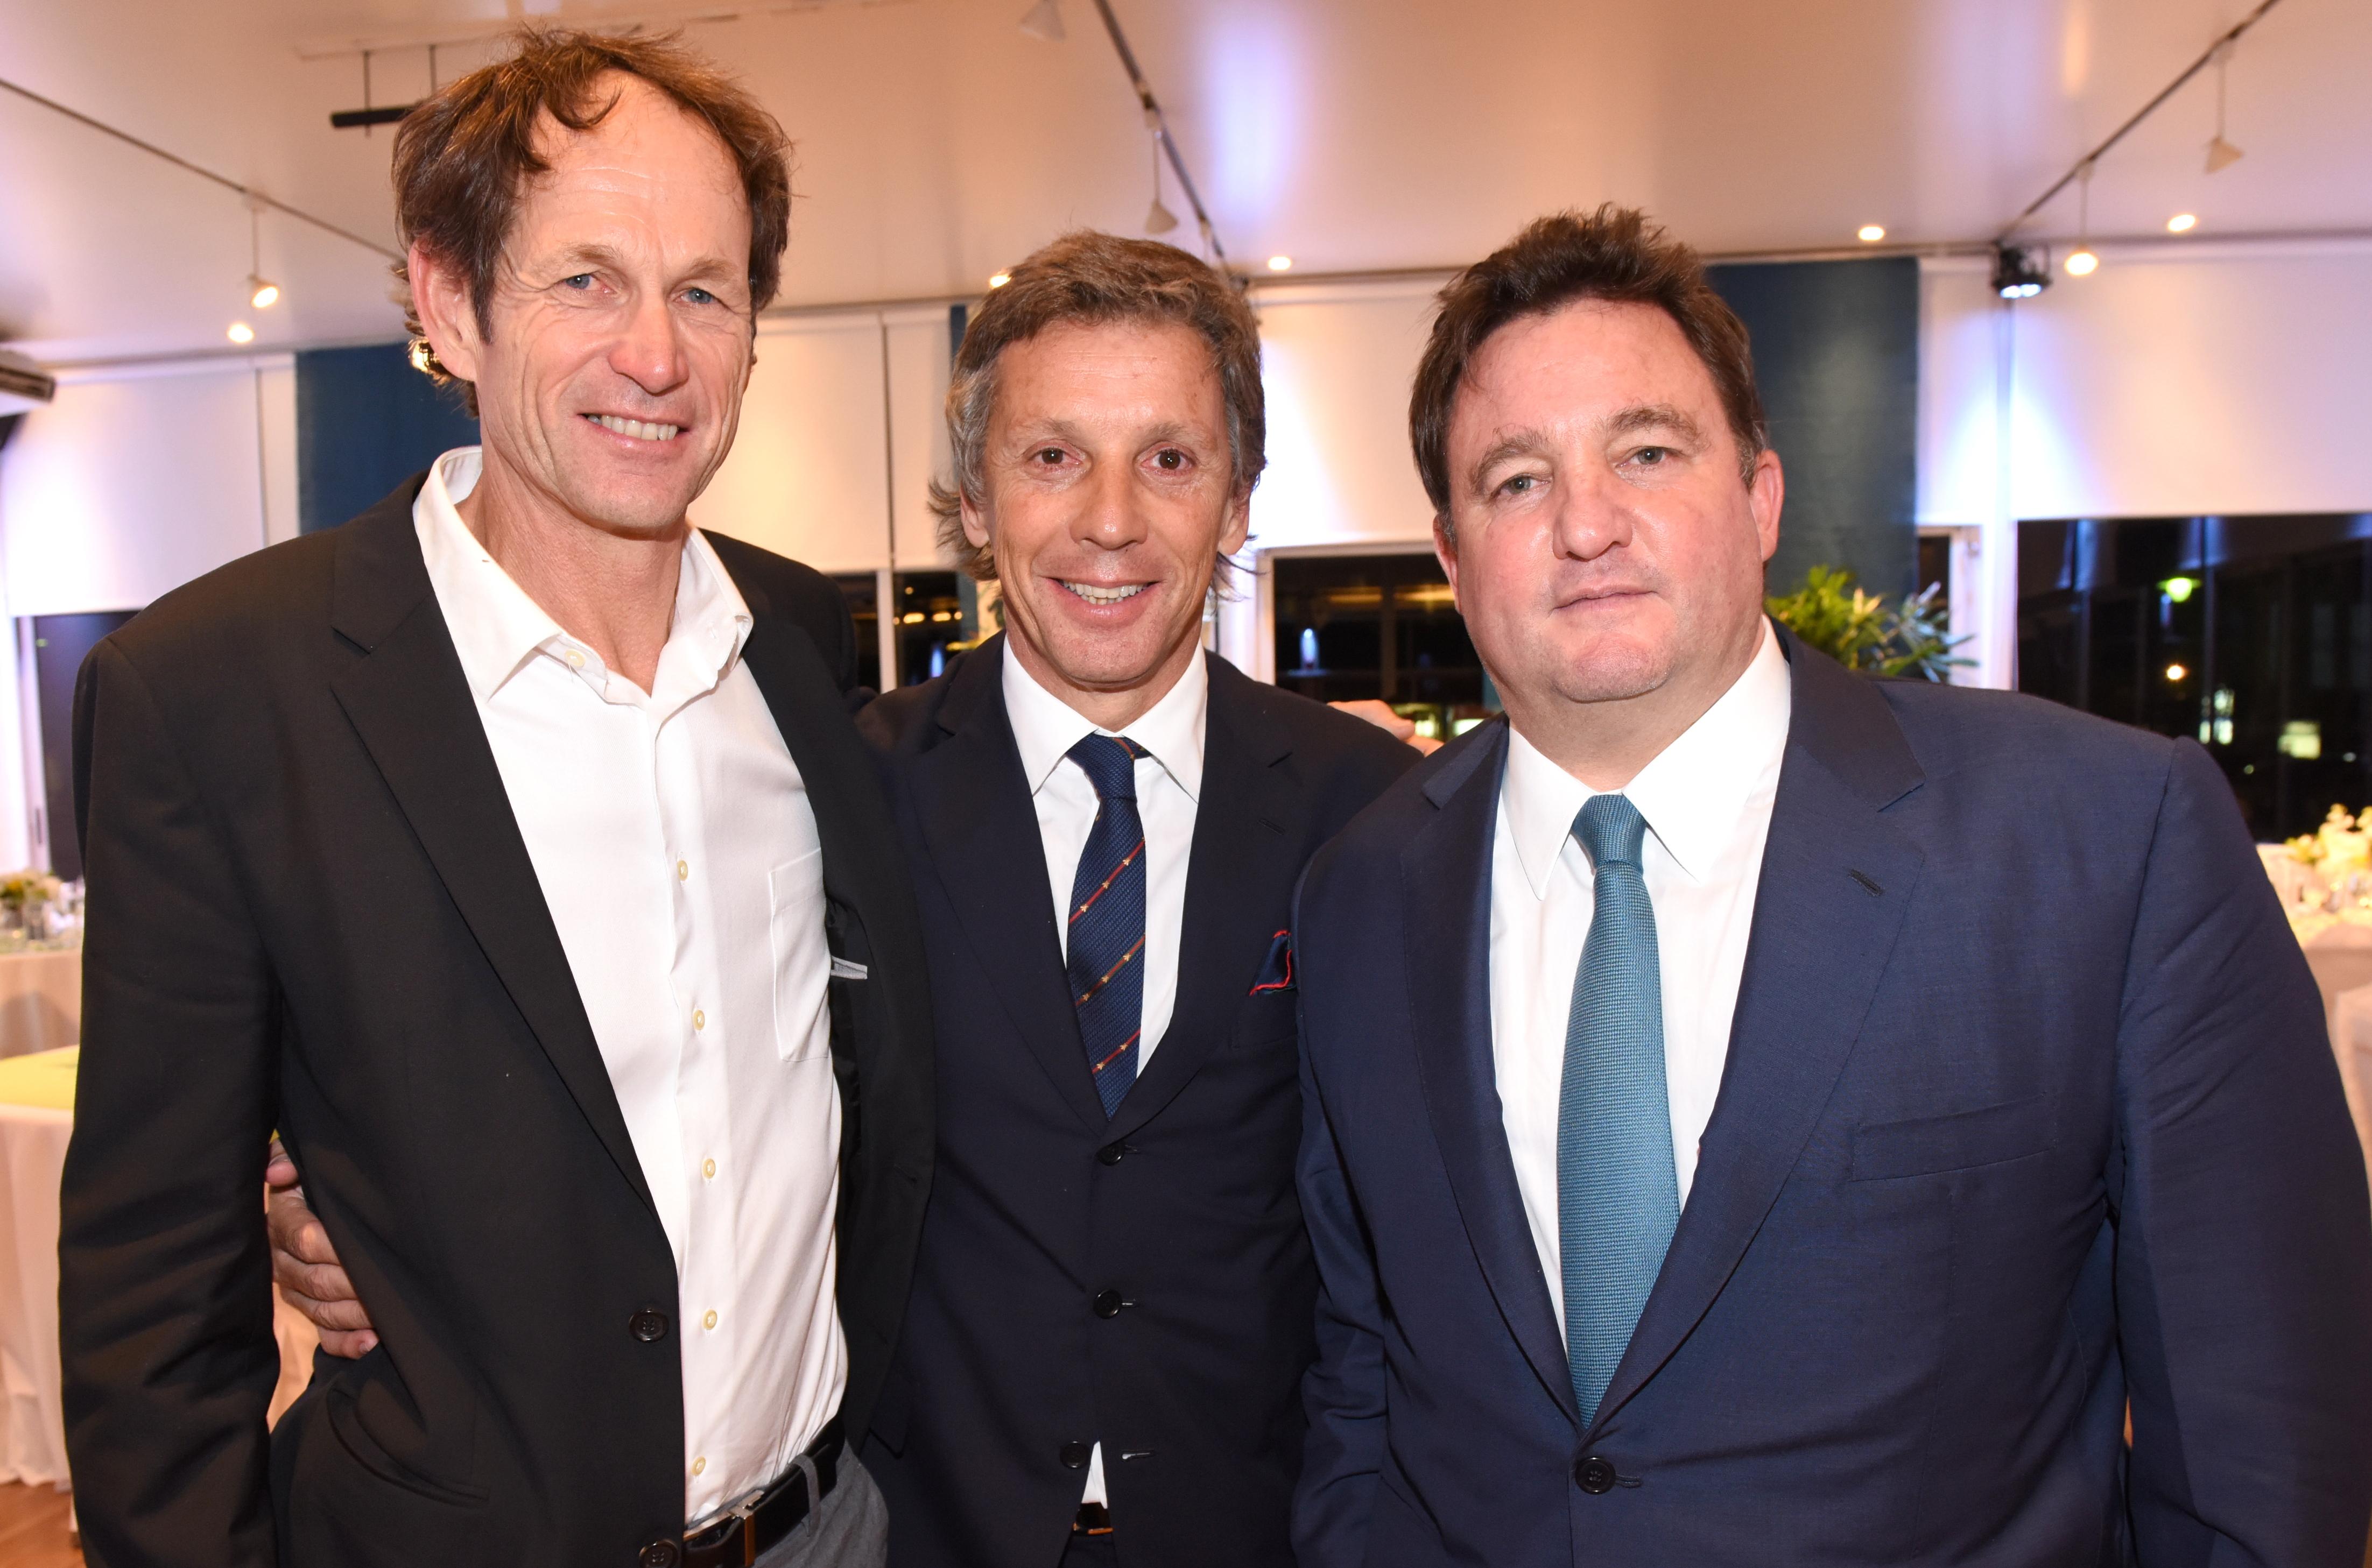 El medallista olímpico Santiago Lange, Alejandro Gravier y Alejandro Macfarlane